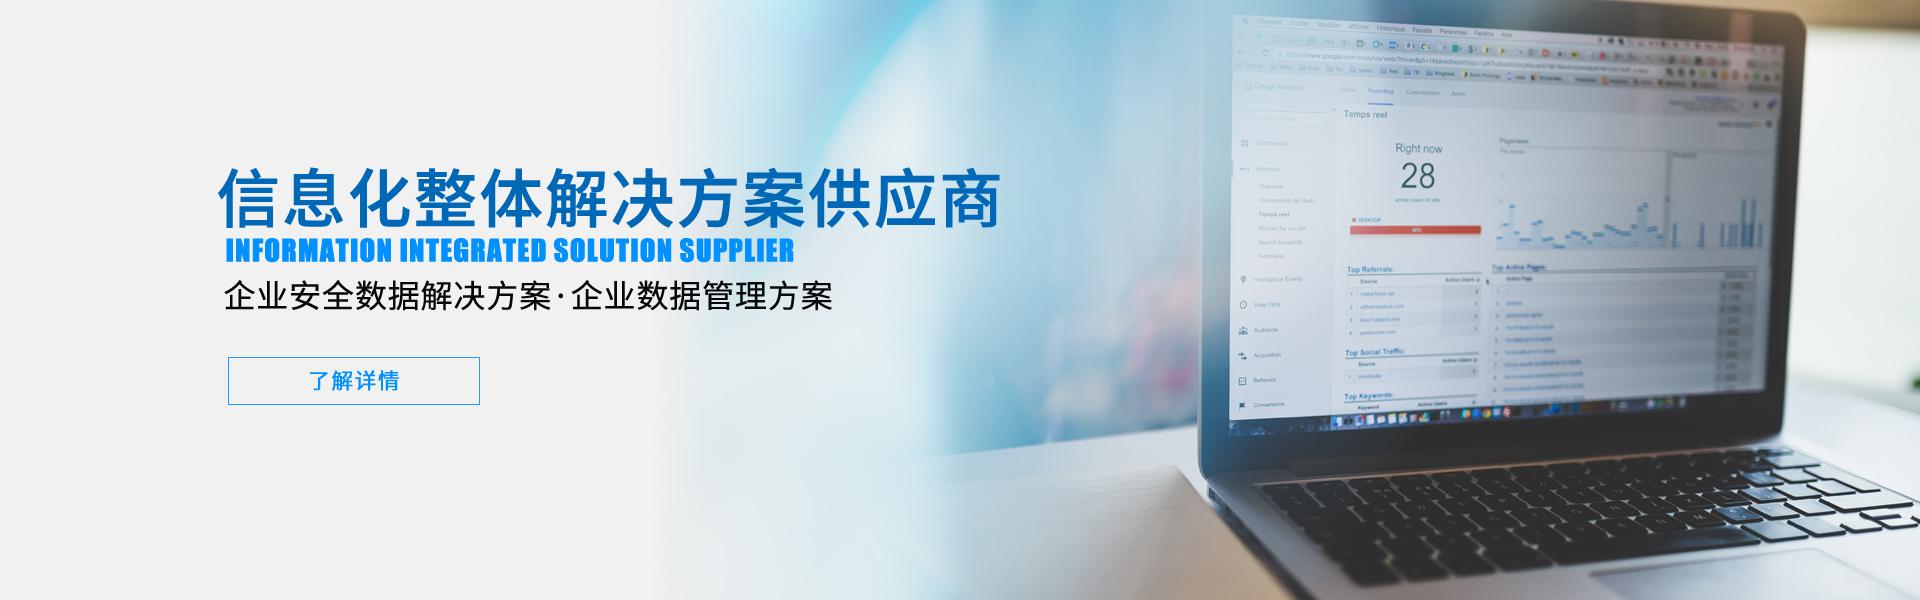 加密软件,图文档管理,质量分析控制系统